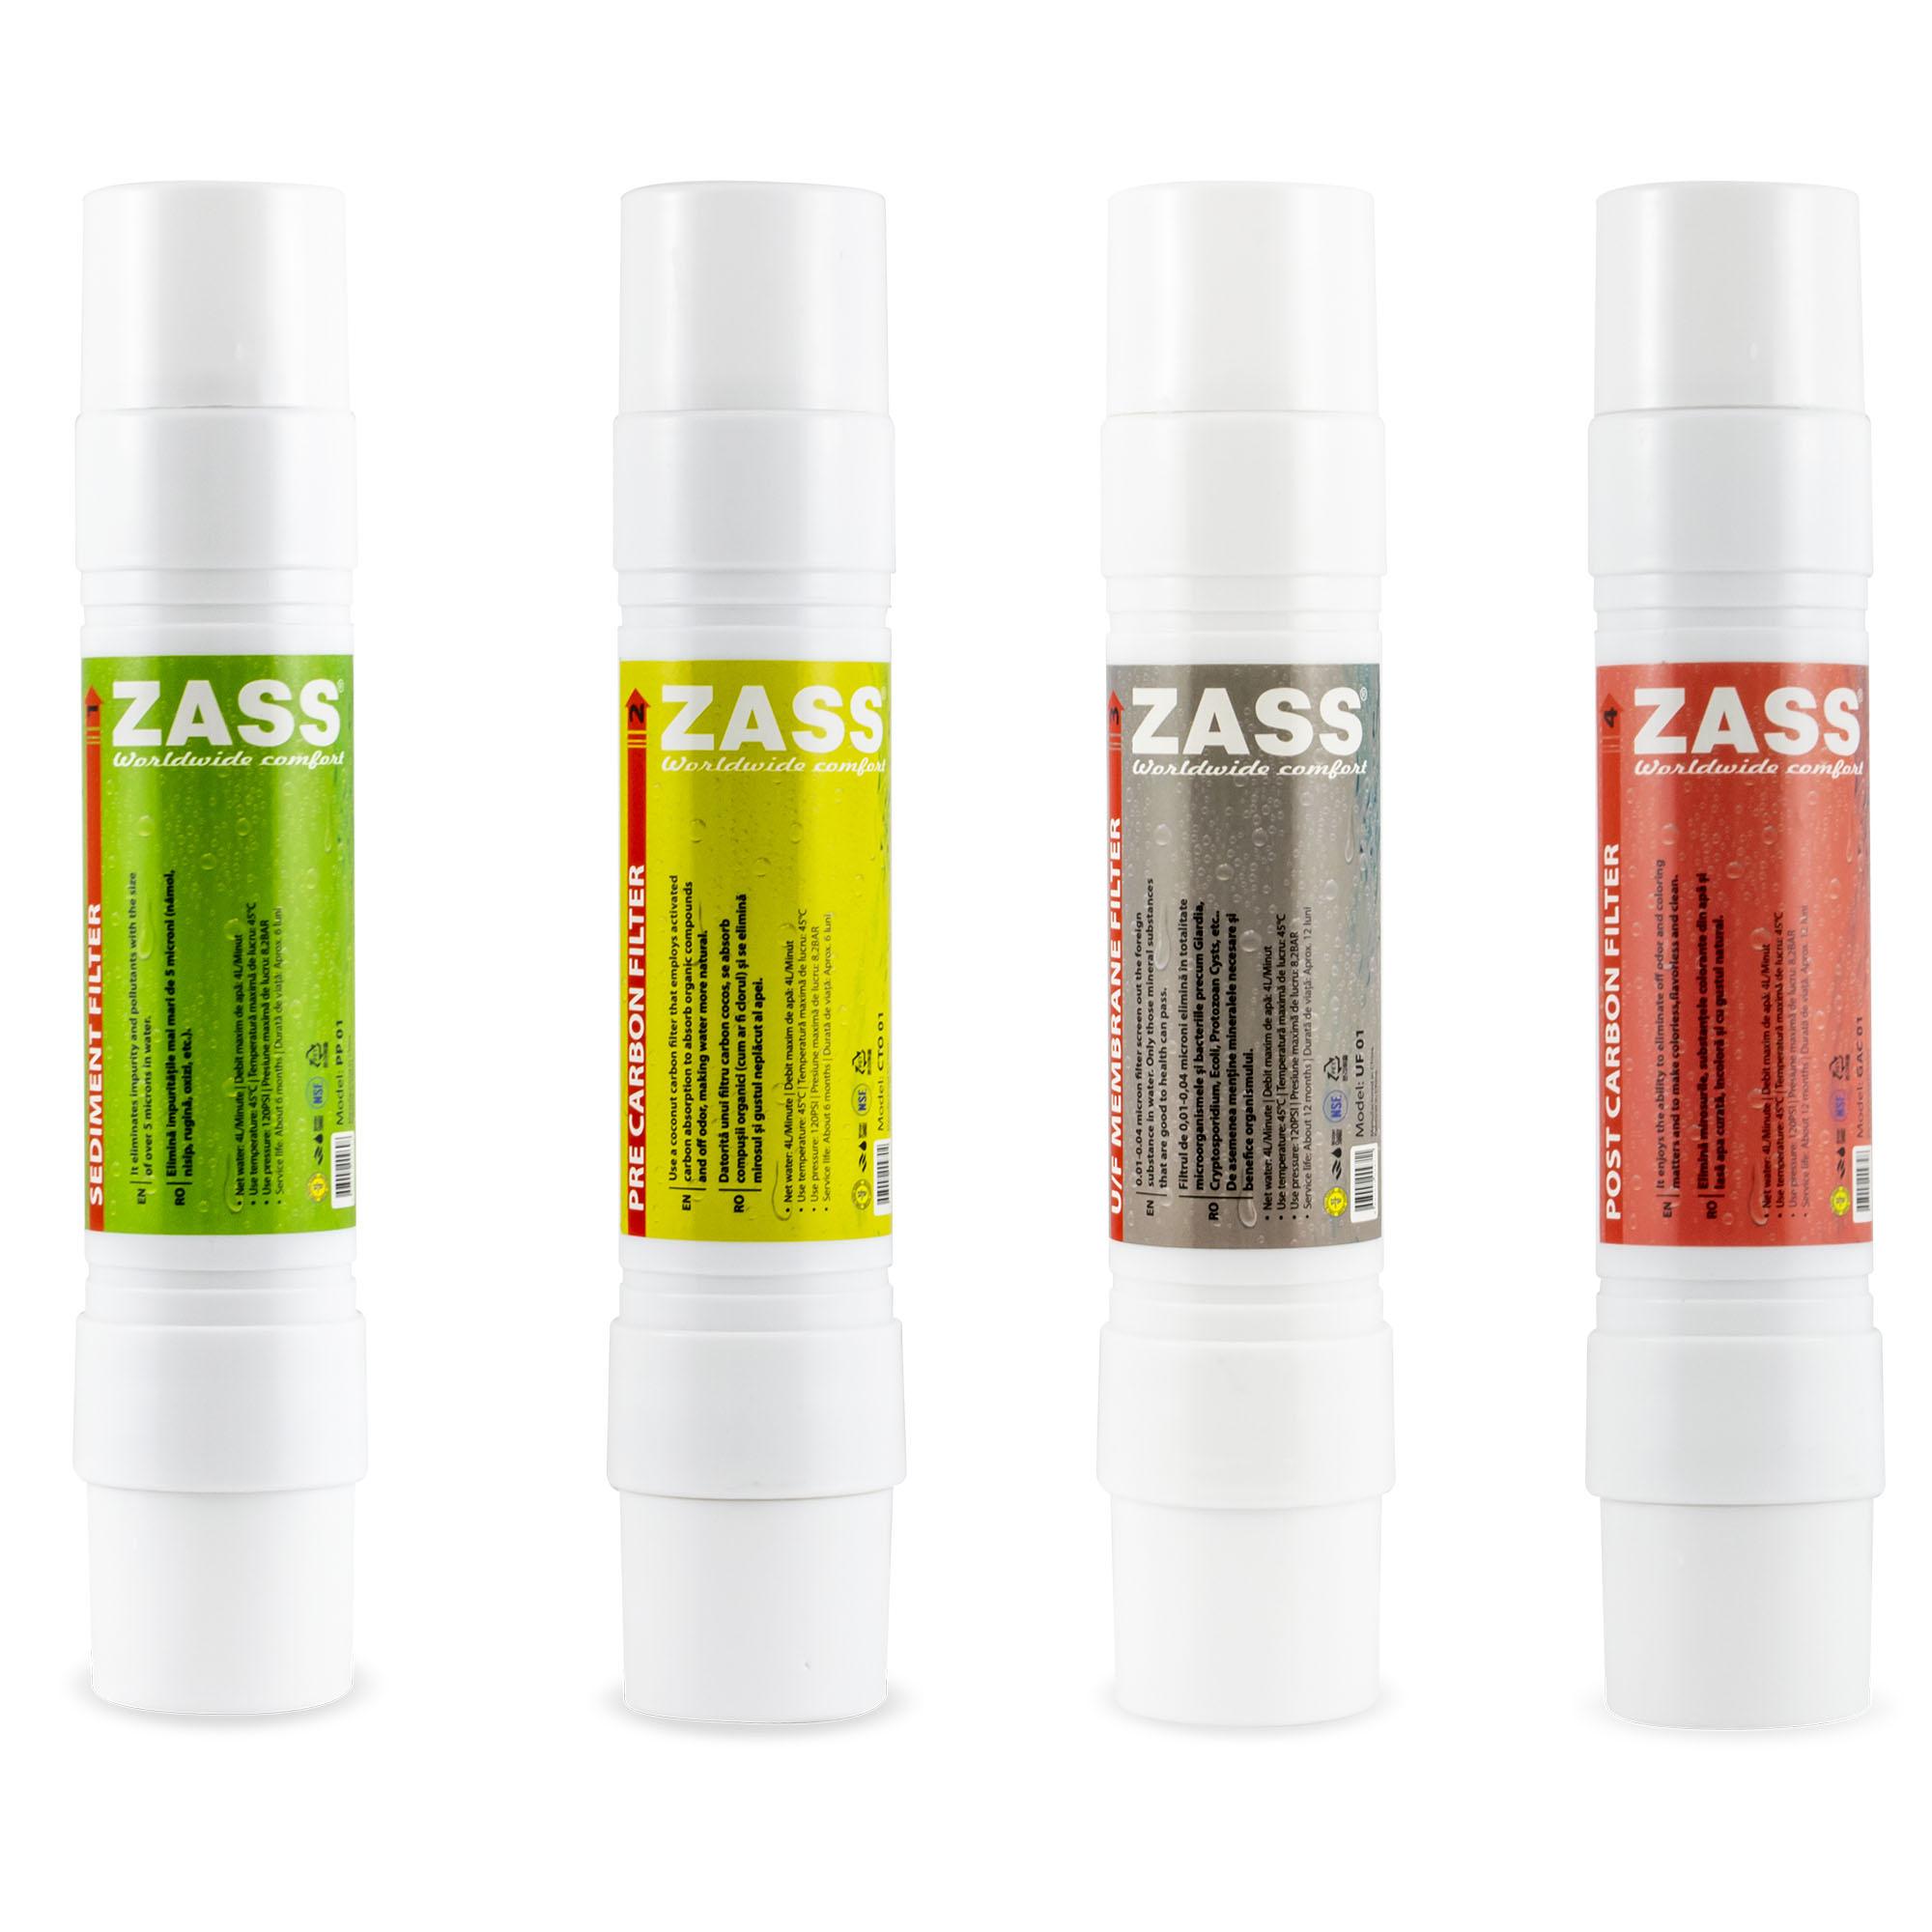 Fotografie Set filtre apa Zass (4 filtre) pentru modelul de dozator ZWD 05 WF, ZWD 06 WF, ZWD 07 WF si ZWD 08 WF